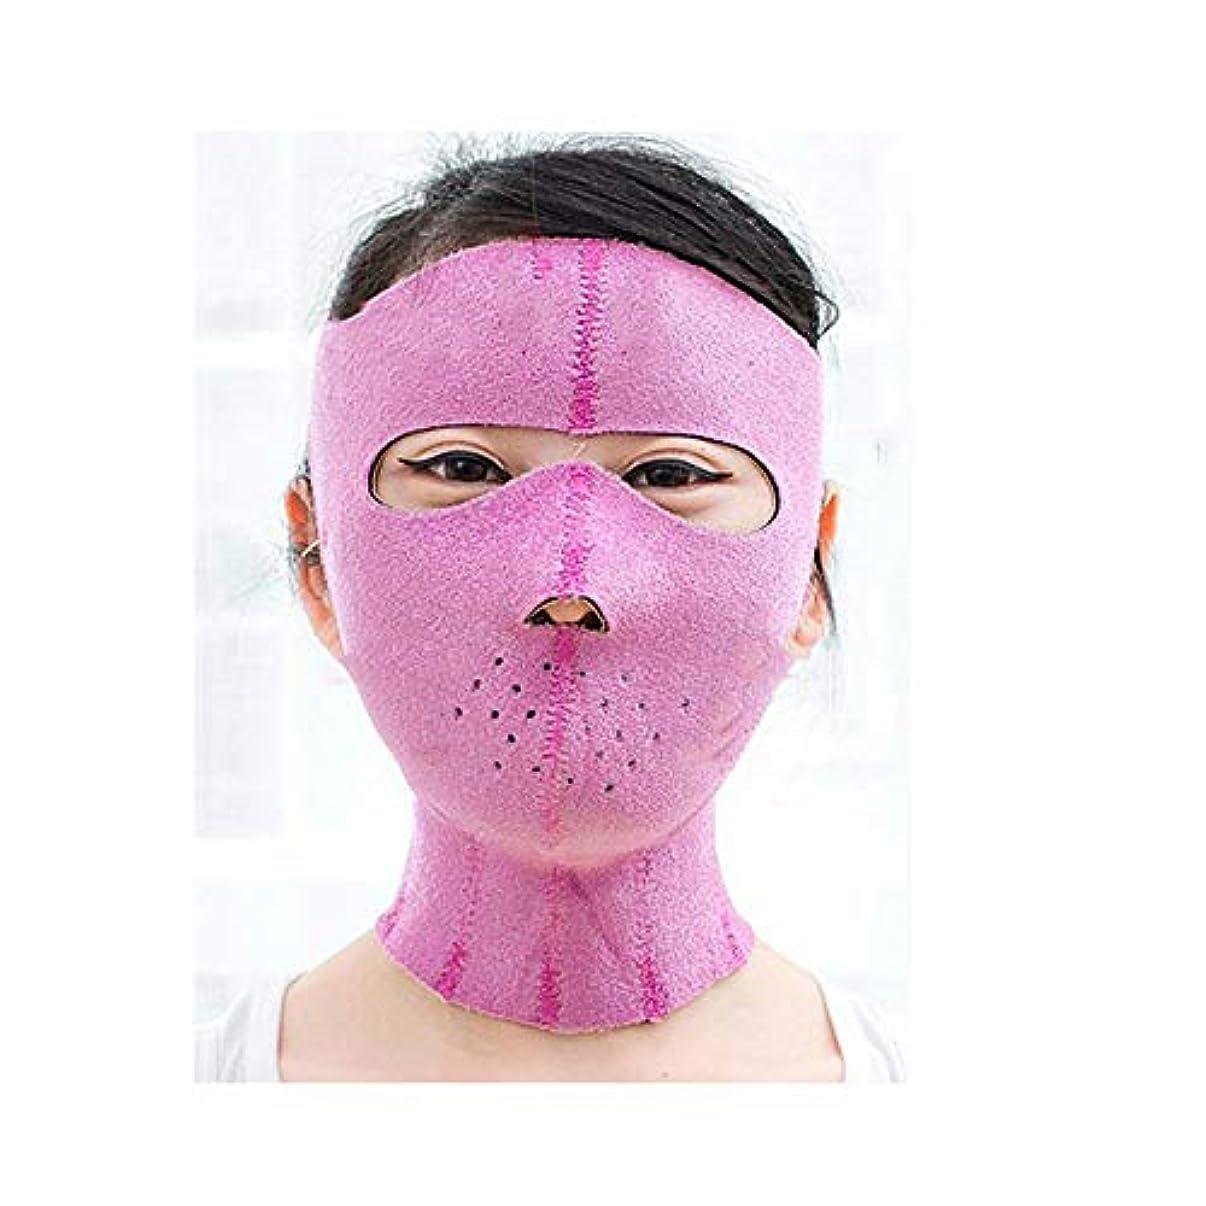 スポンジパキスタン人恥ずかしさフェイスリフティングサウナマスク、ウィッキングフェイス包帯/スモールフェイスアーチファクト/フェイスマスク(ピンク)